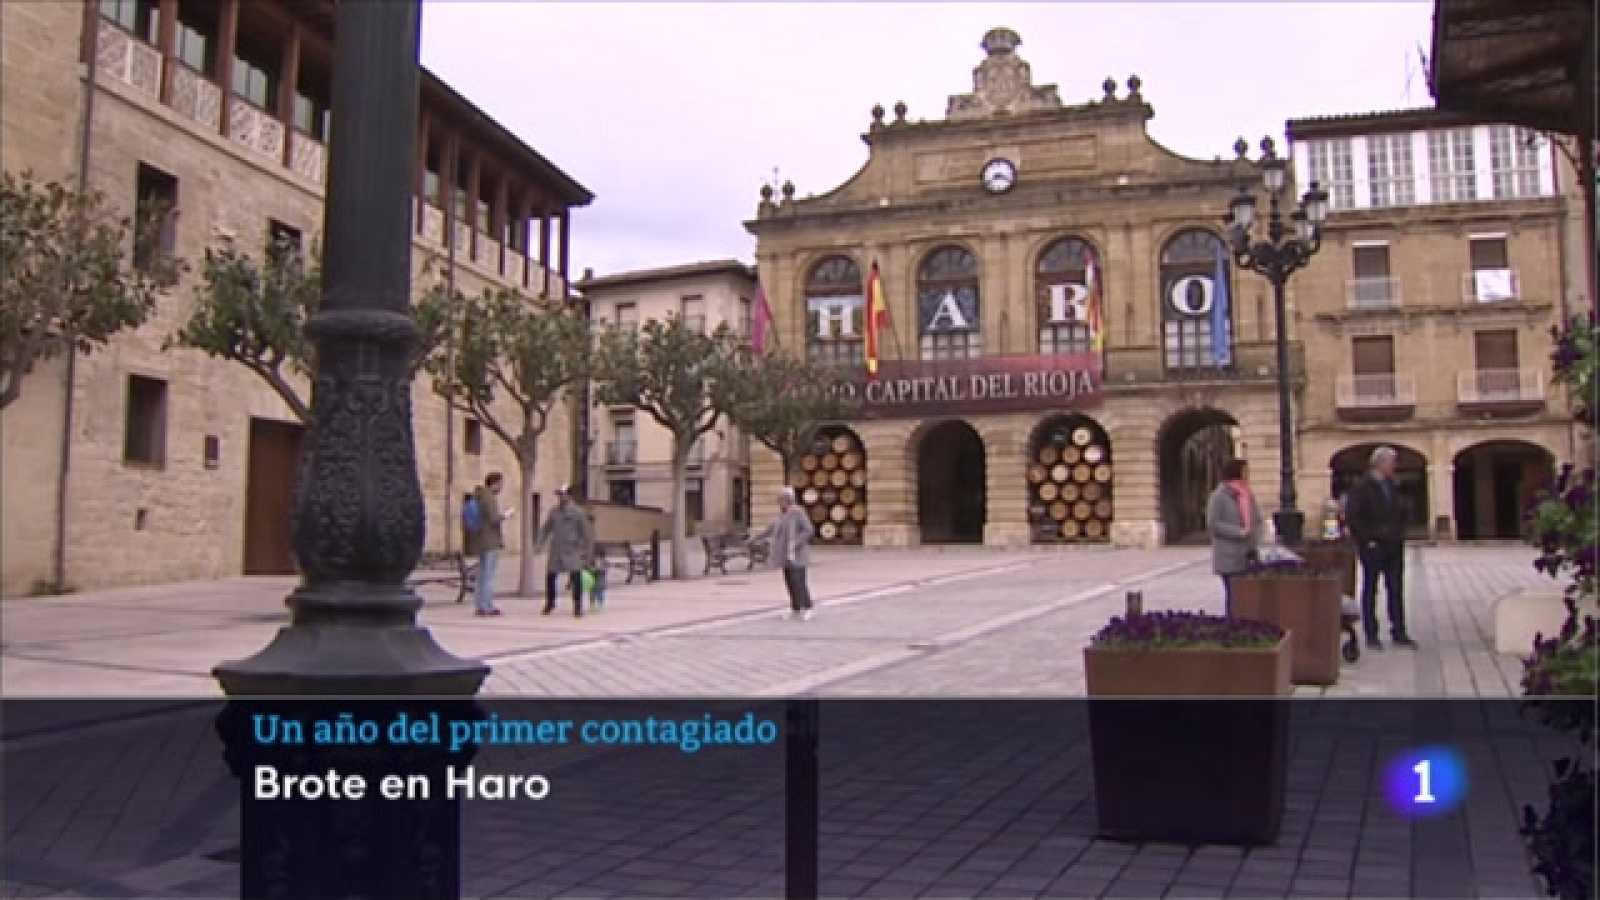 Un año del primer contagiado en La Rioja